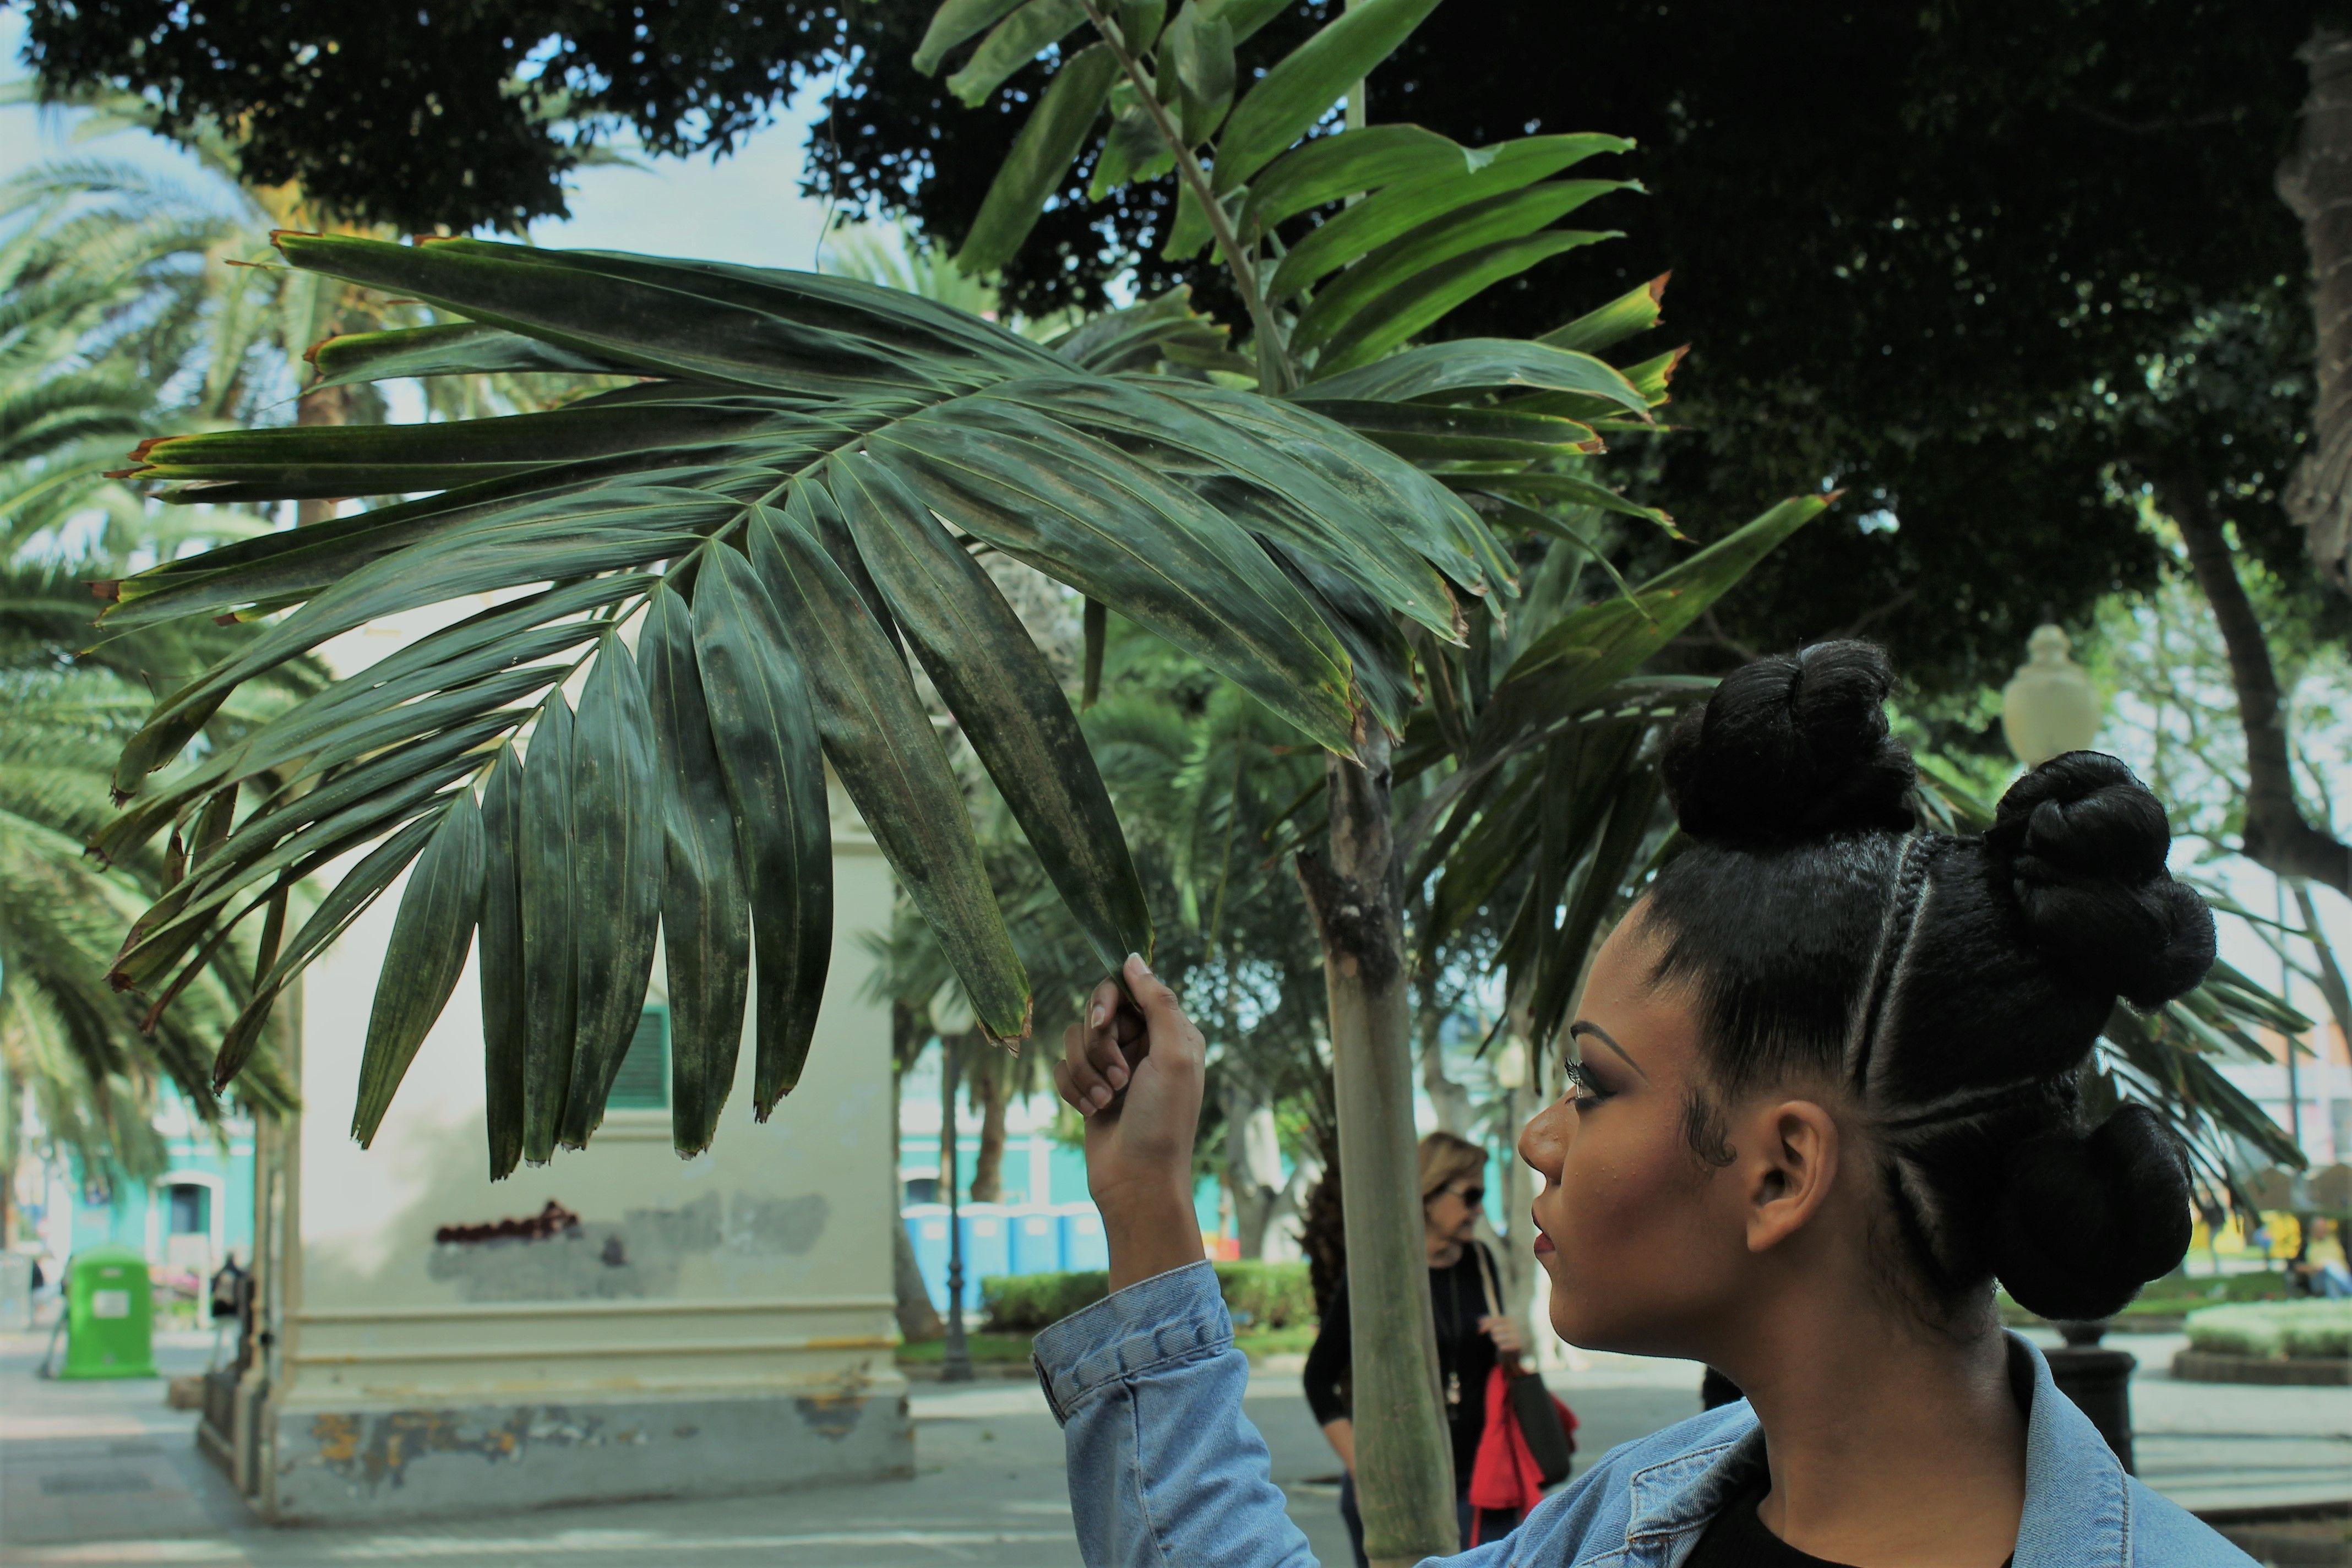 Peinados y trenzas africanas peluquería Las Palmas